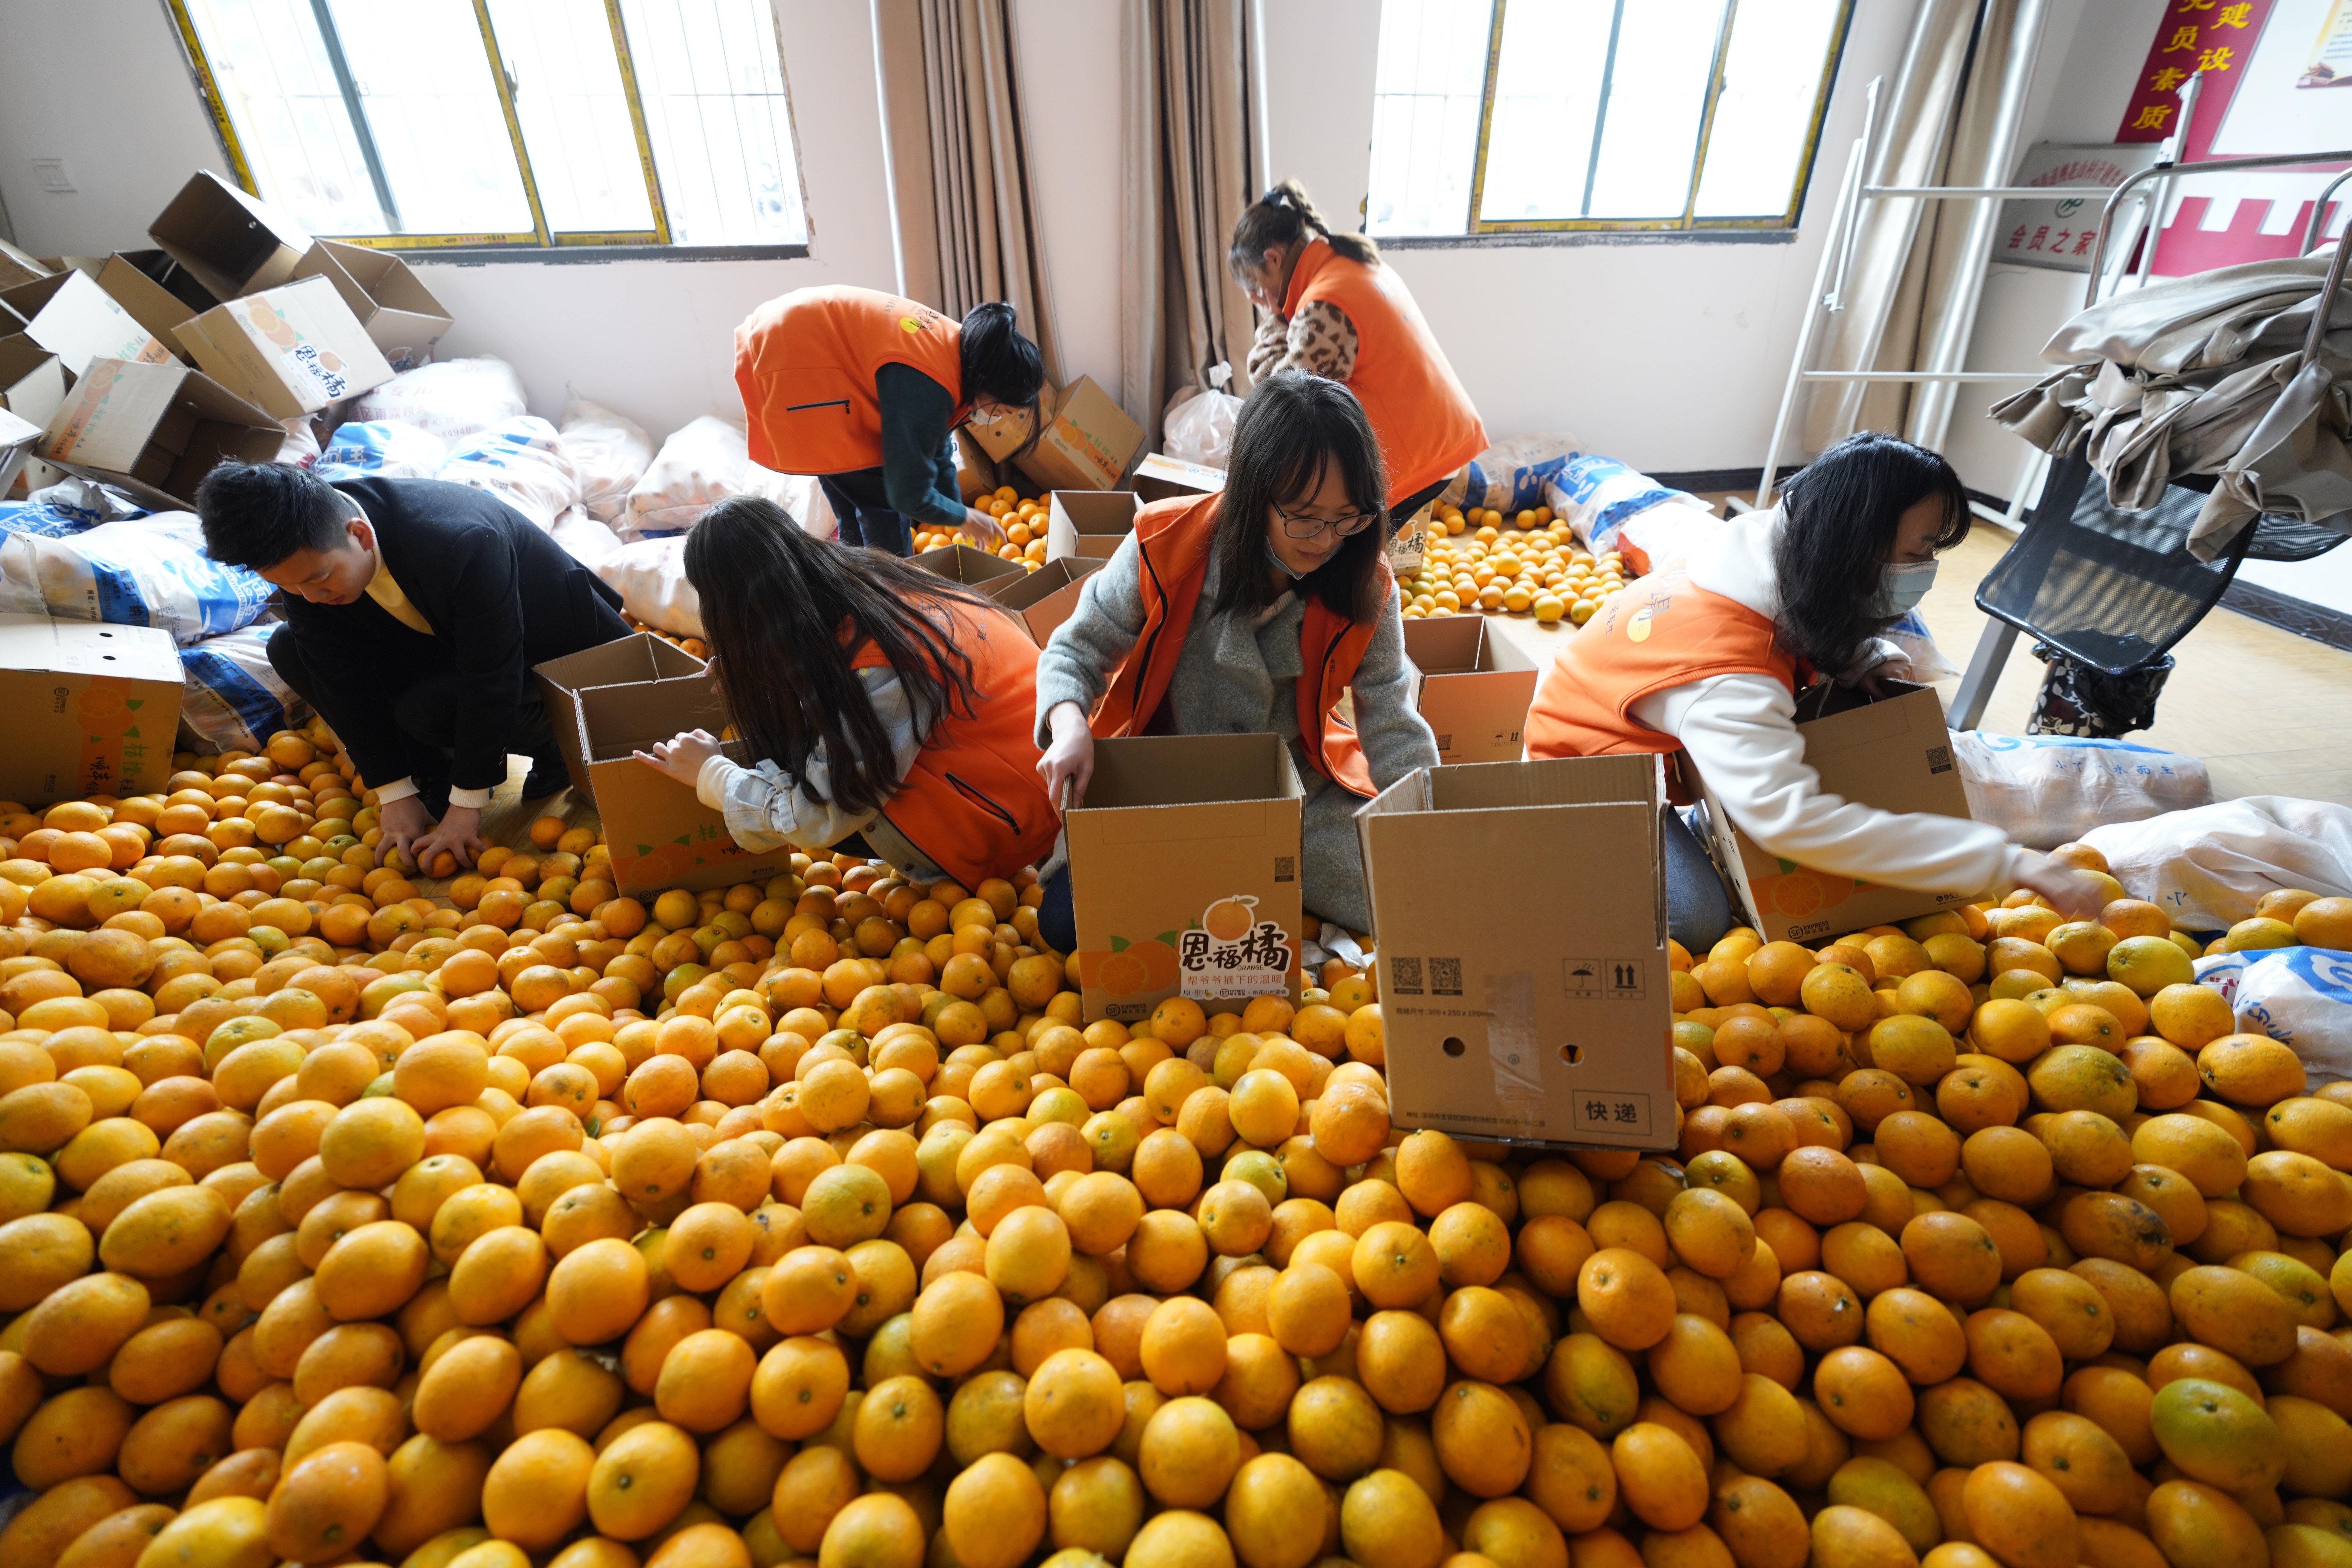 公益助农缓解柑橘采摘销售难